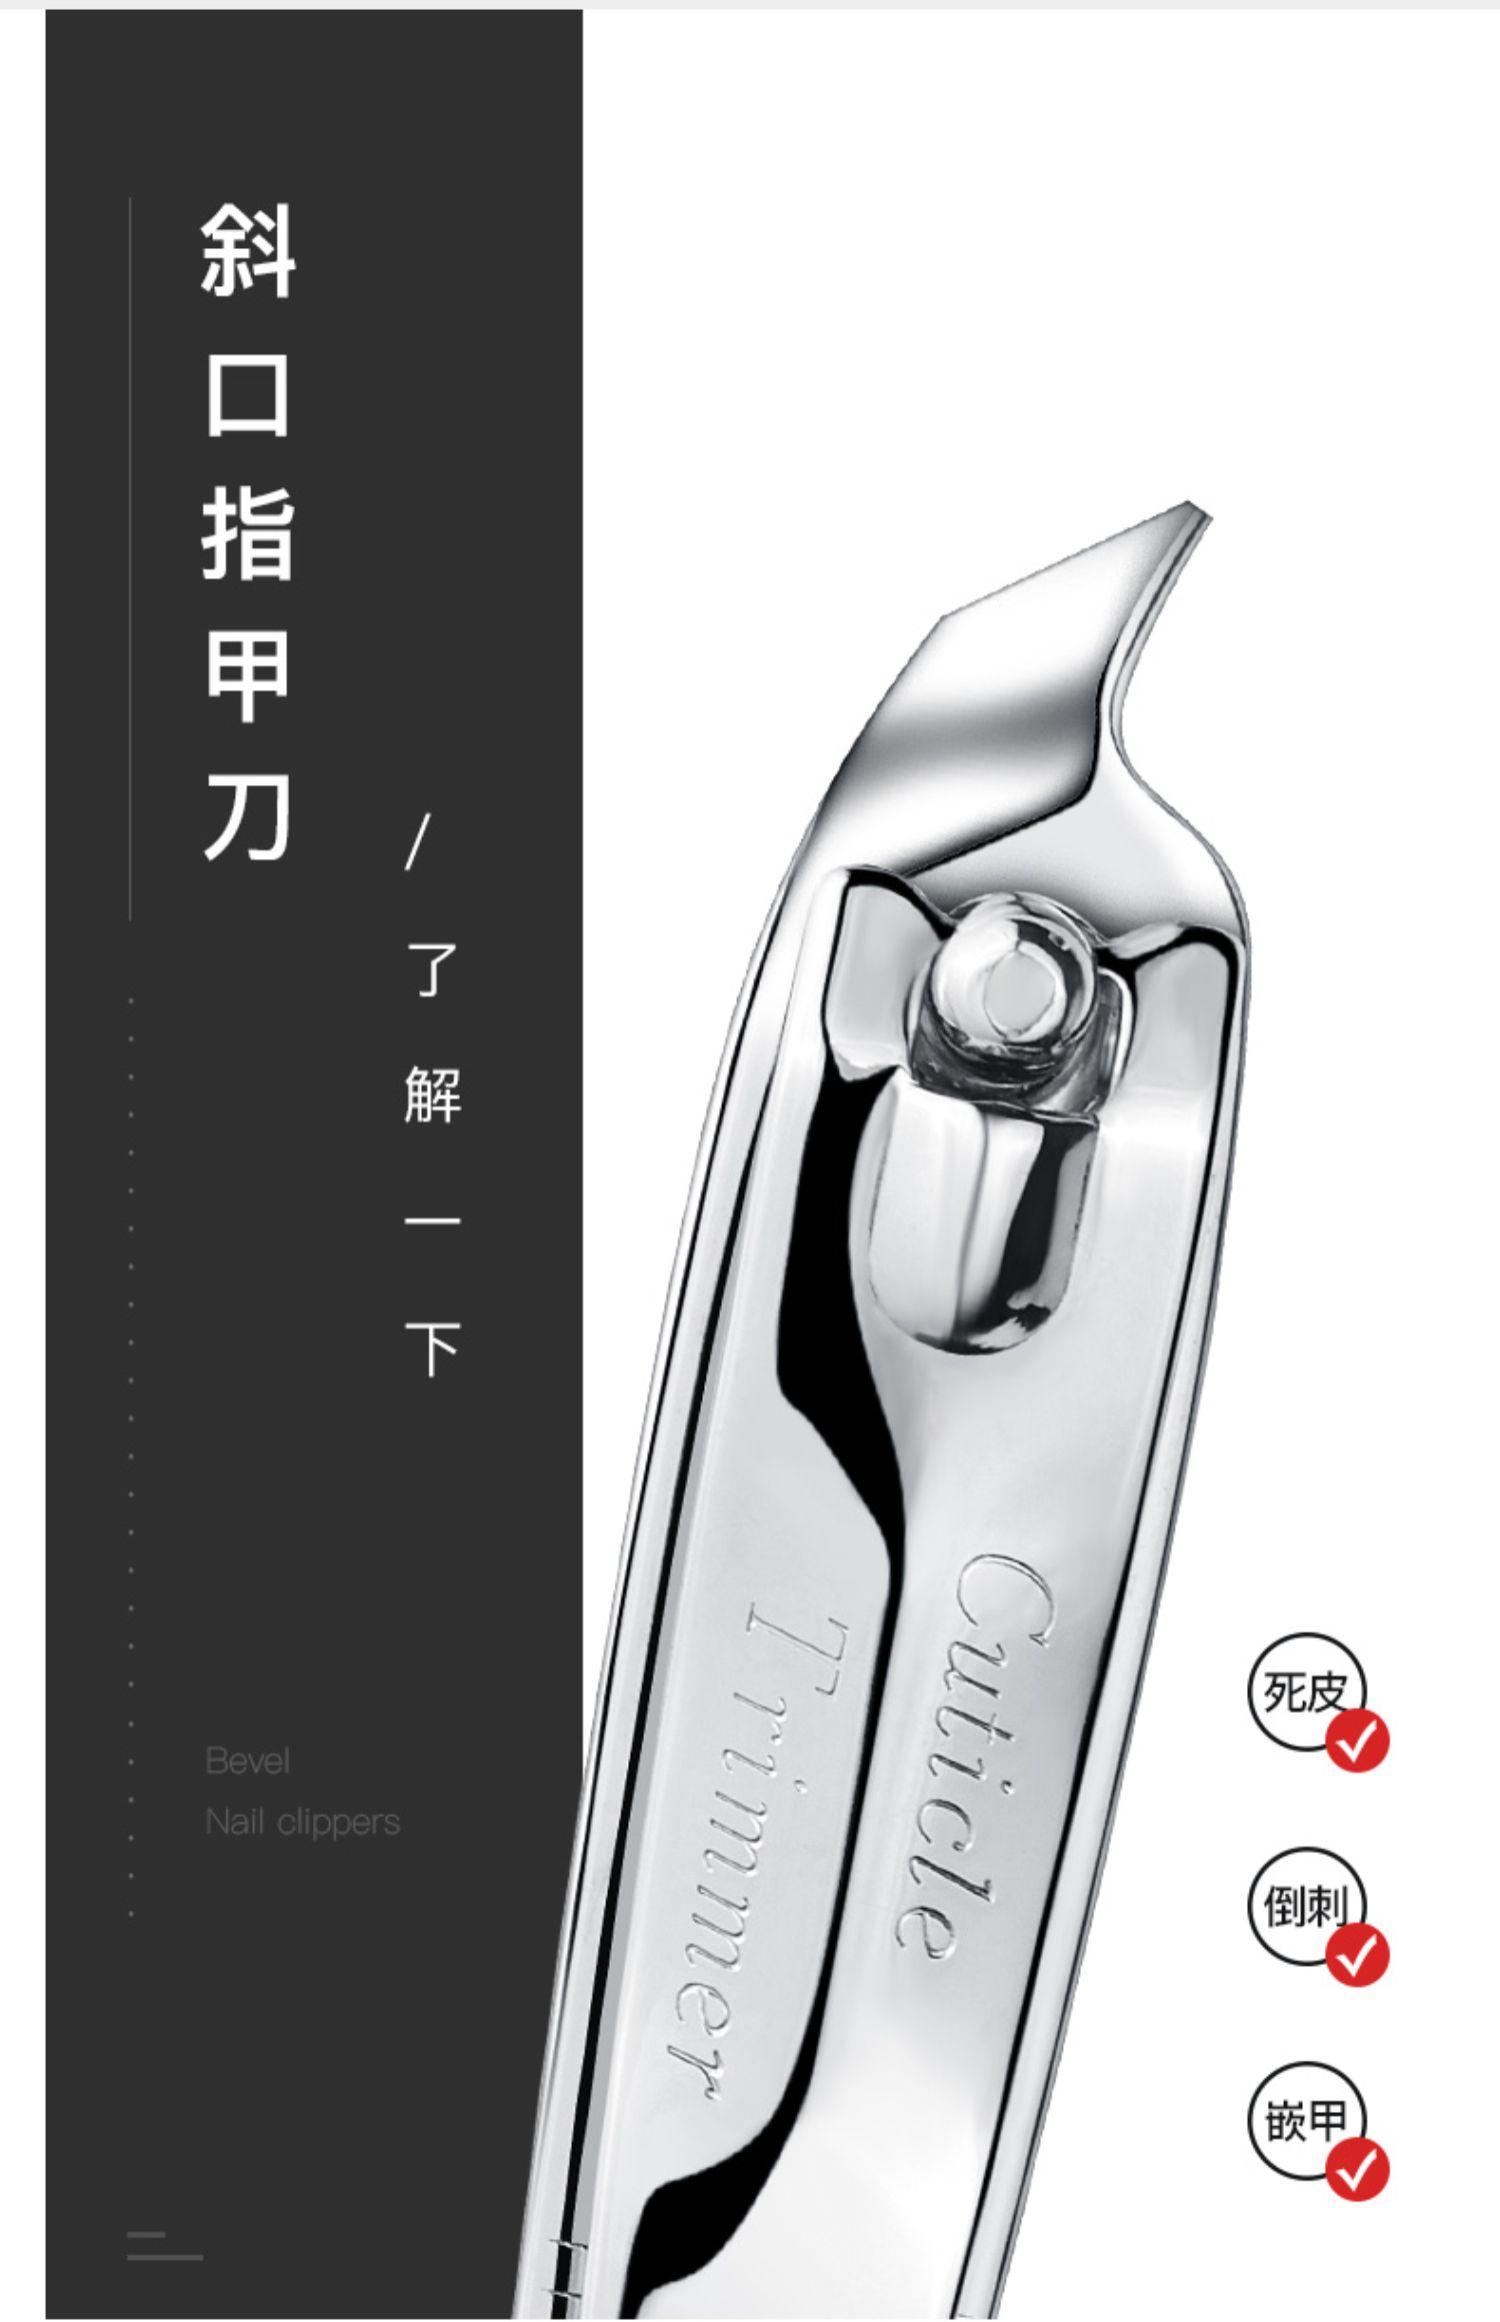 【博友】单个指甲刀指甲剪指甲钳美甲工具